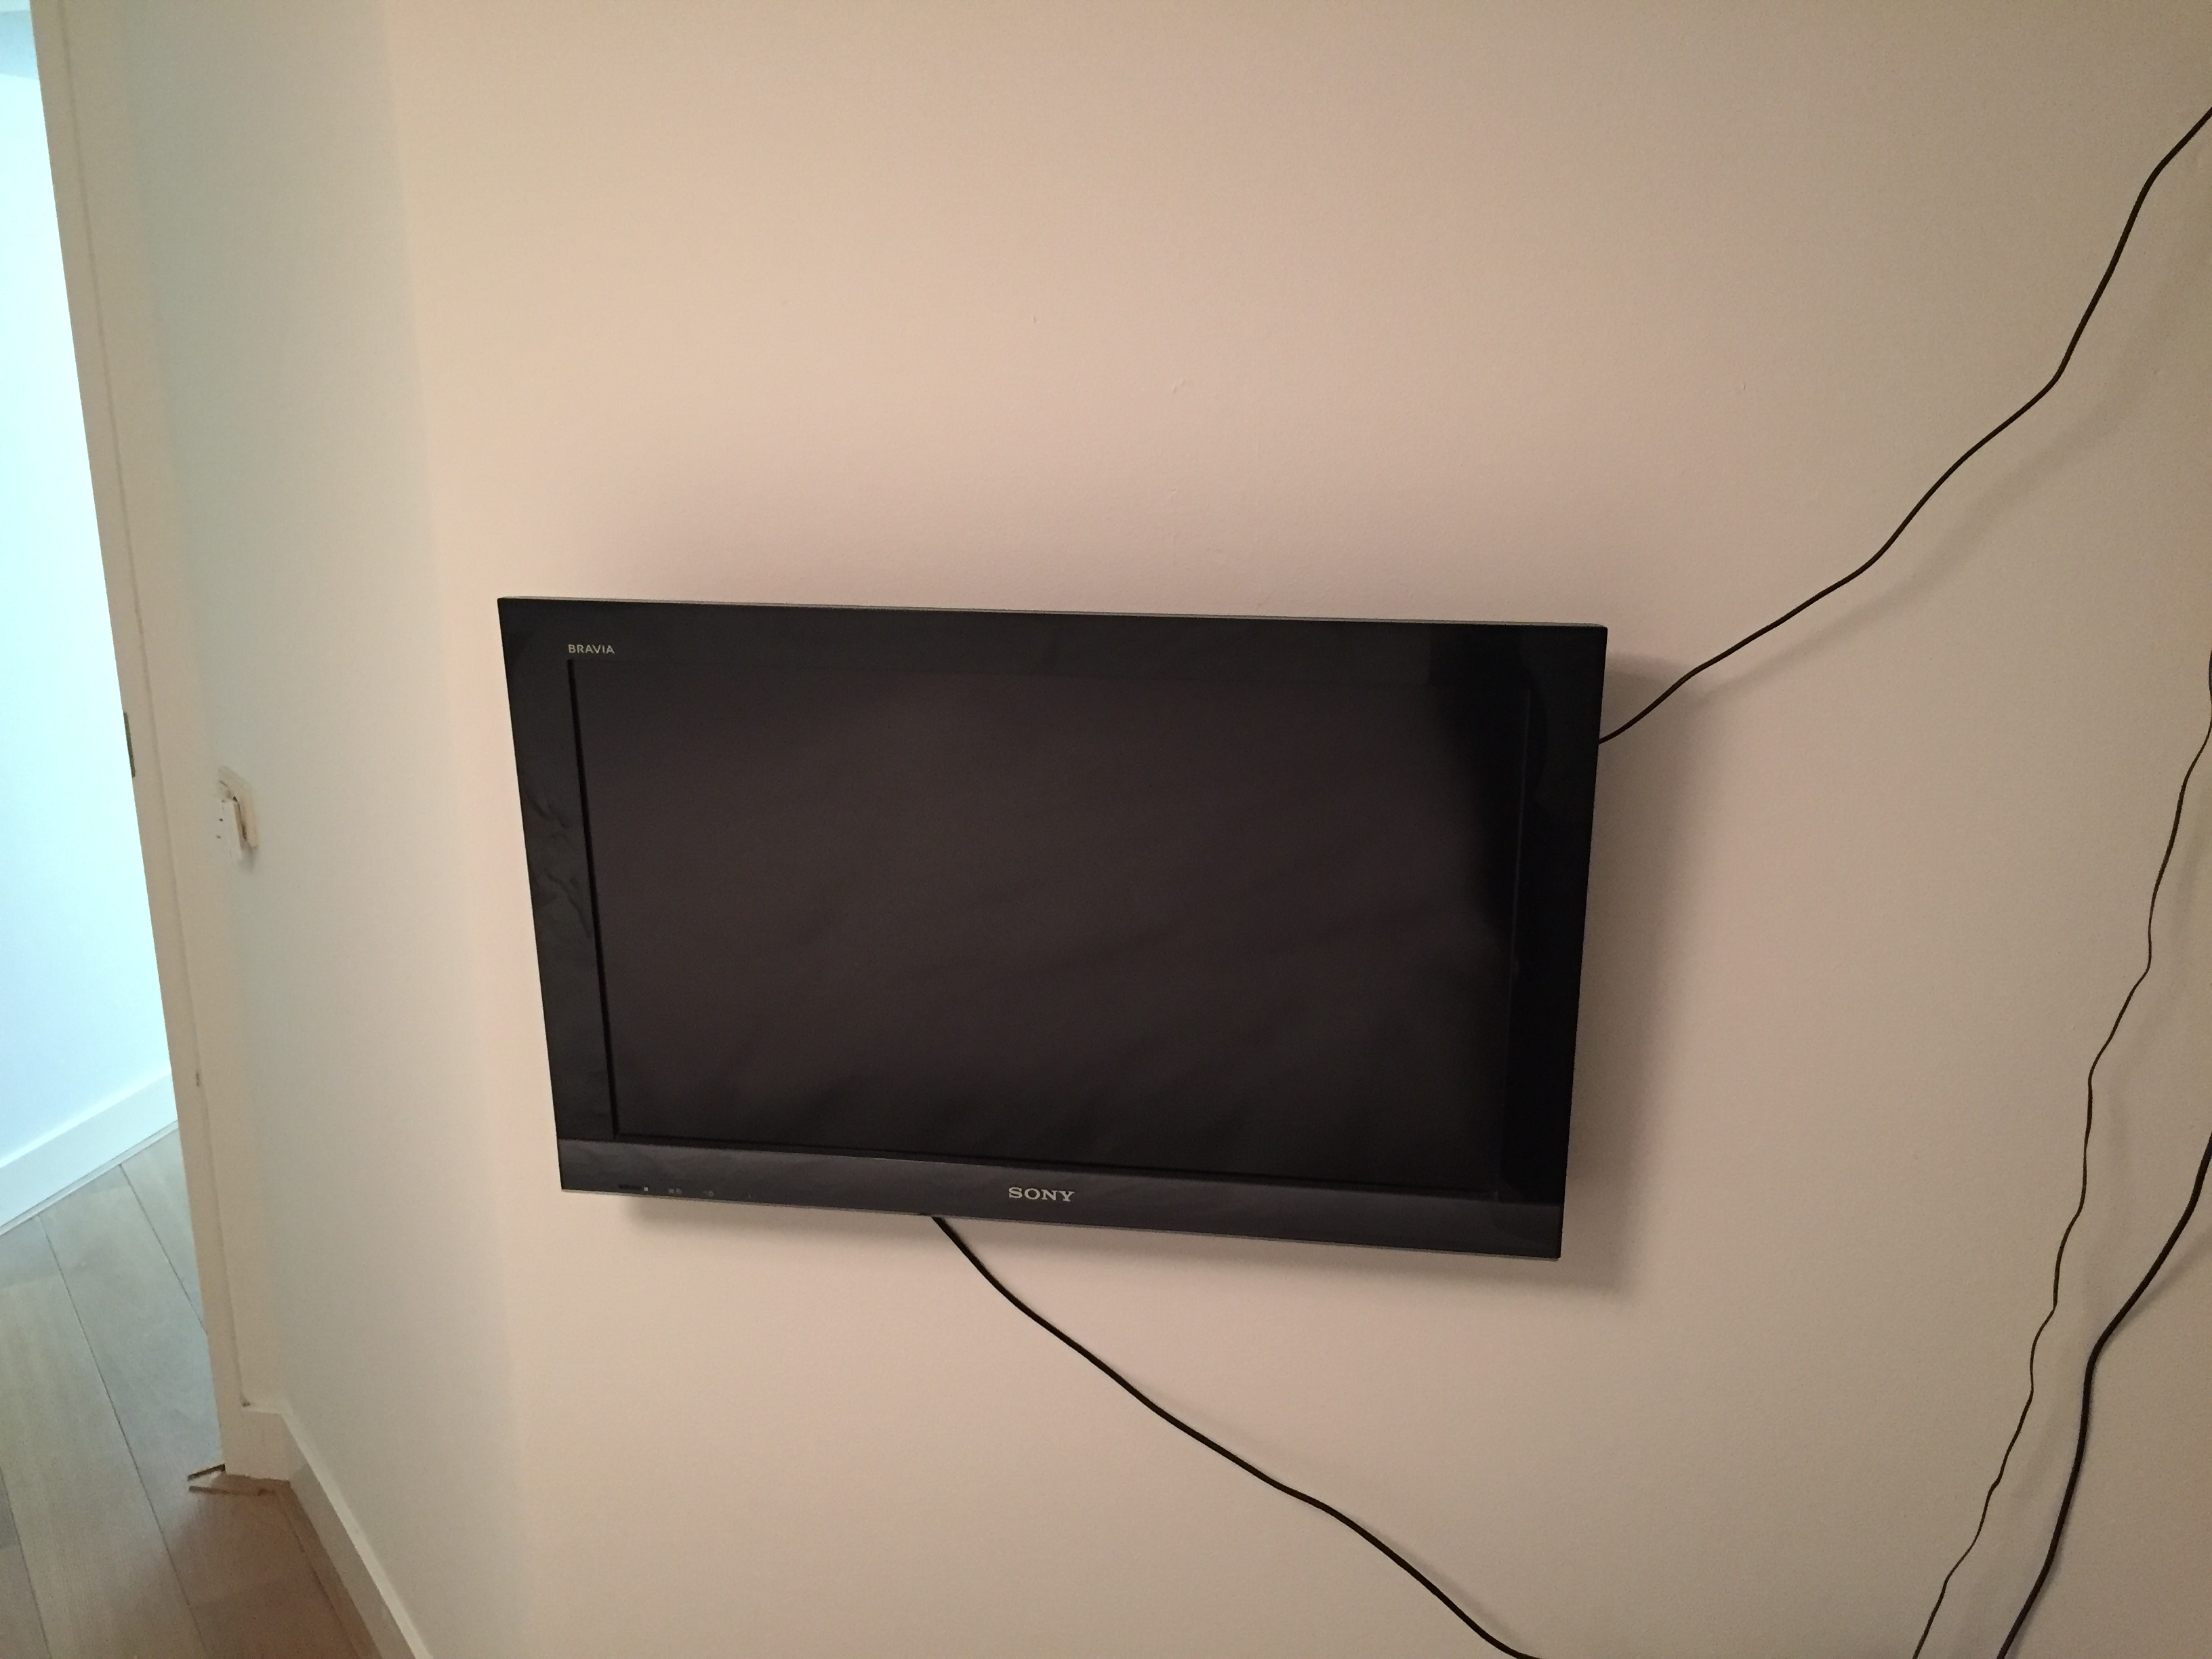 Tv aan de muur met muurbeugel voordemakers